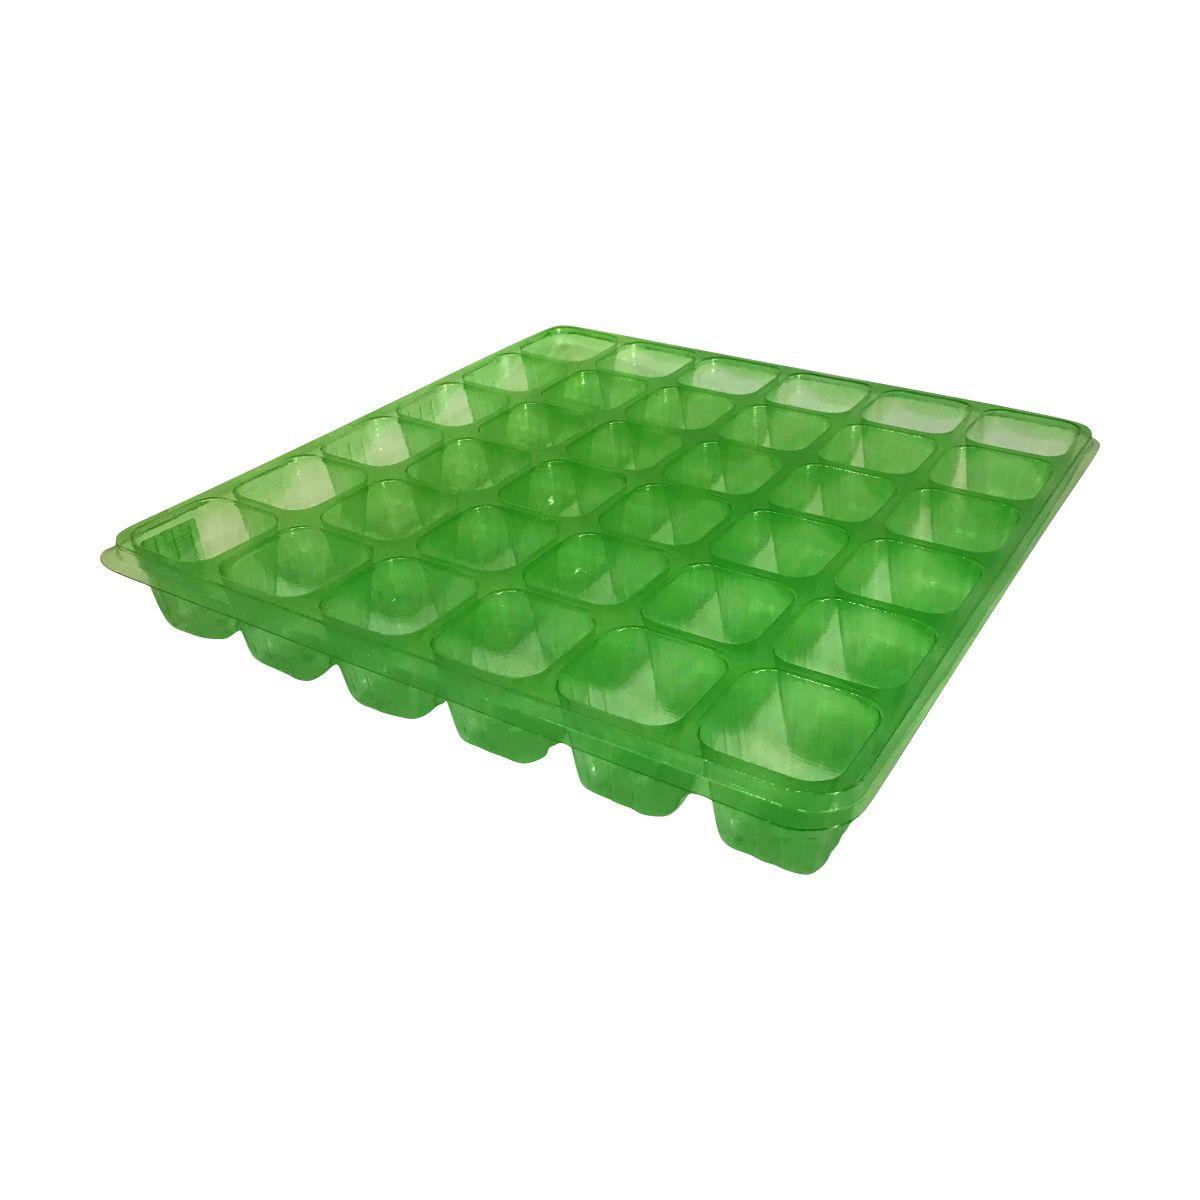 Sementeira com 36 células - Isla